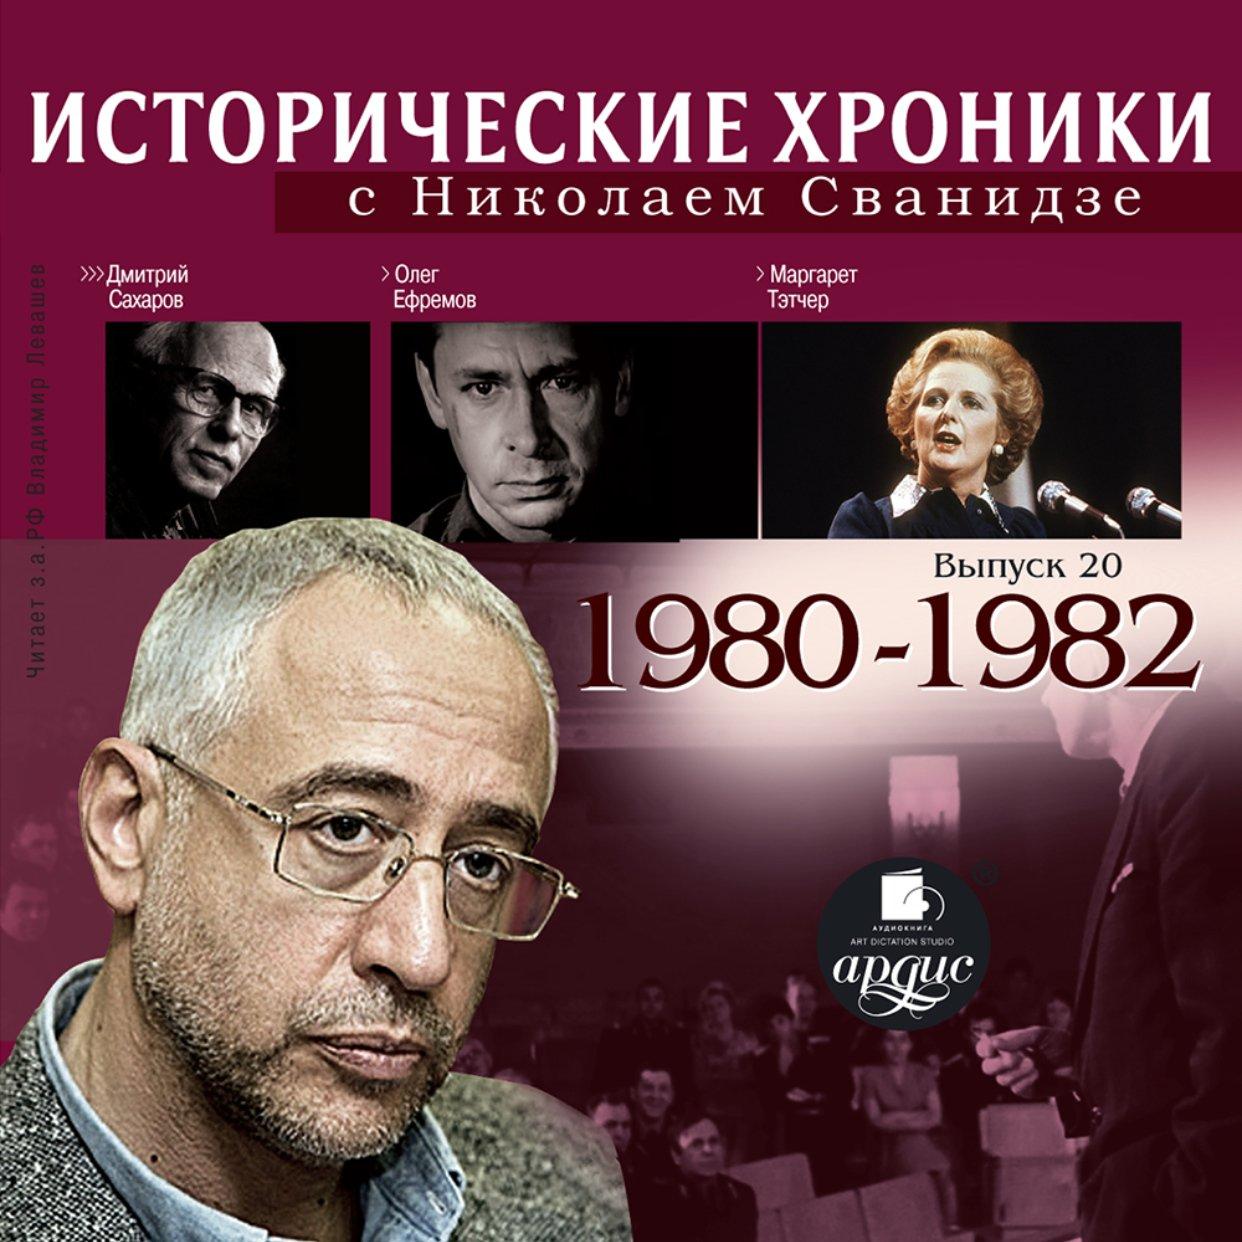 Исторические хроники с Николаем Сванидзе. Выпуск 20.  1980-1982гг.